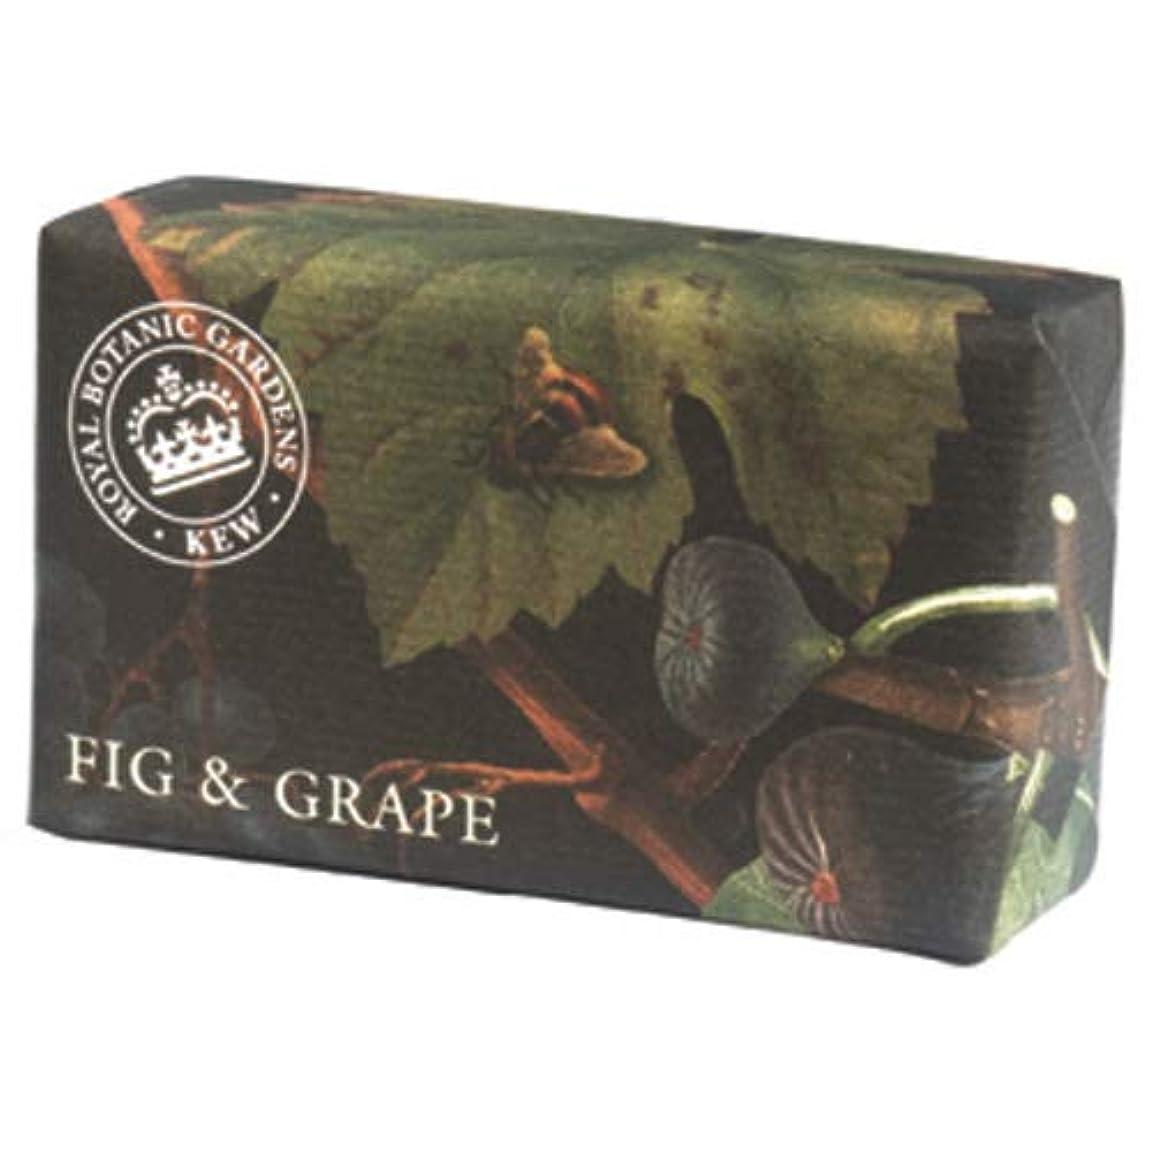 太平洋諸島豚モニターEnglish Soap Company イングリッシュソープカンパニー KEW GARDEN キュー?ガーデン Luxury Shea Soaps シアソープ Fig & Grape フィグ&グレープ